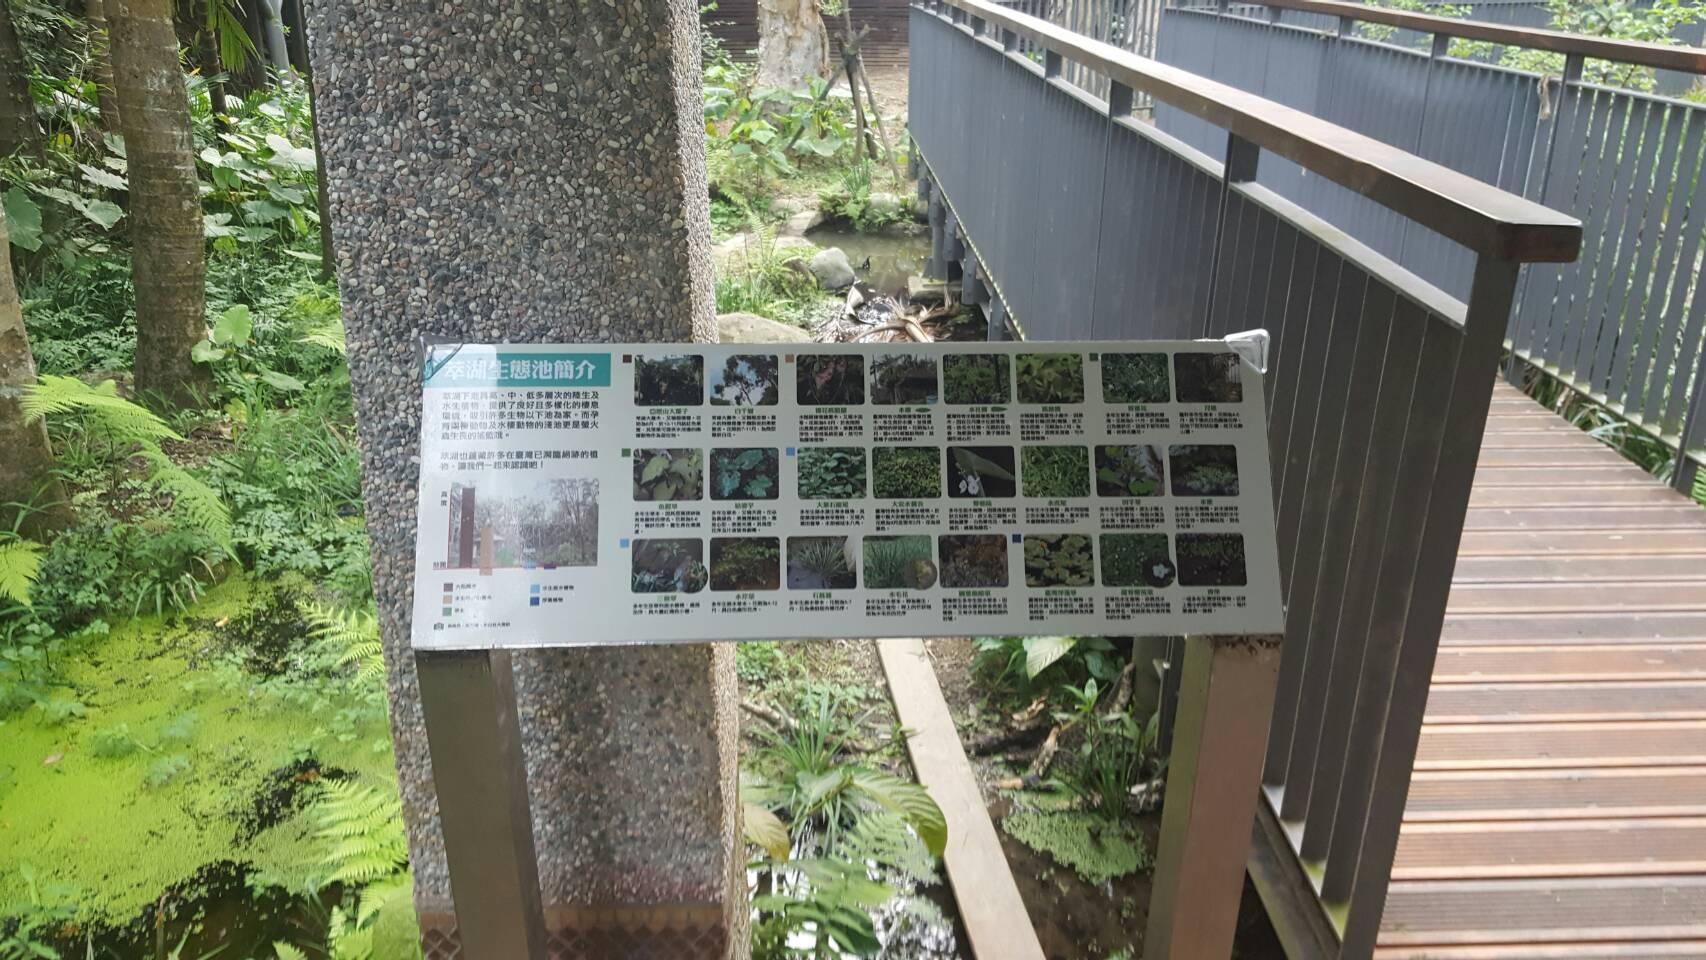 圖6.園區涼亭內新設立的生物解說牌